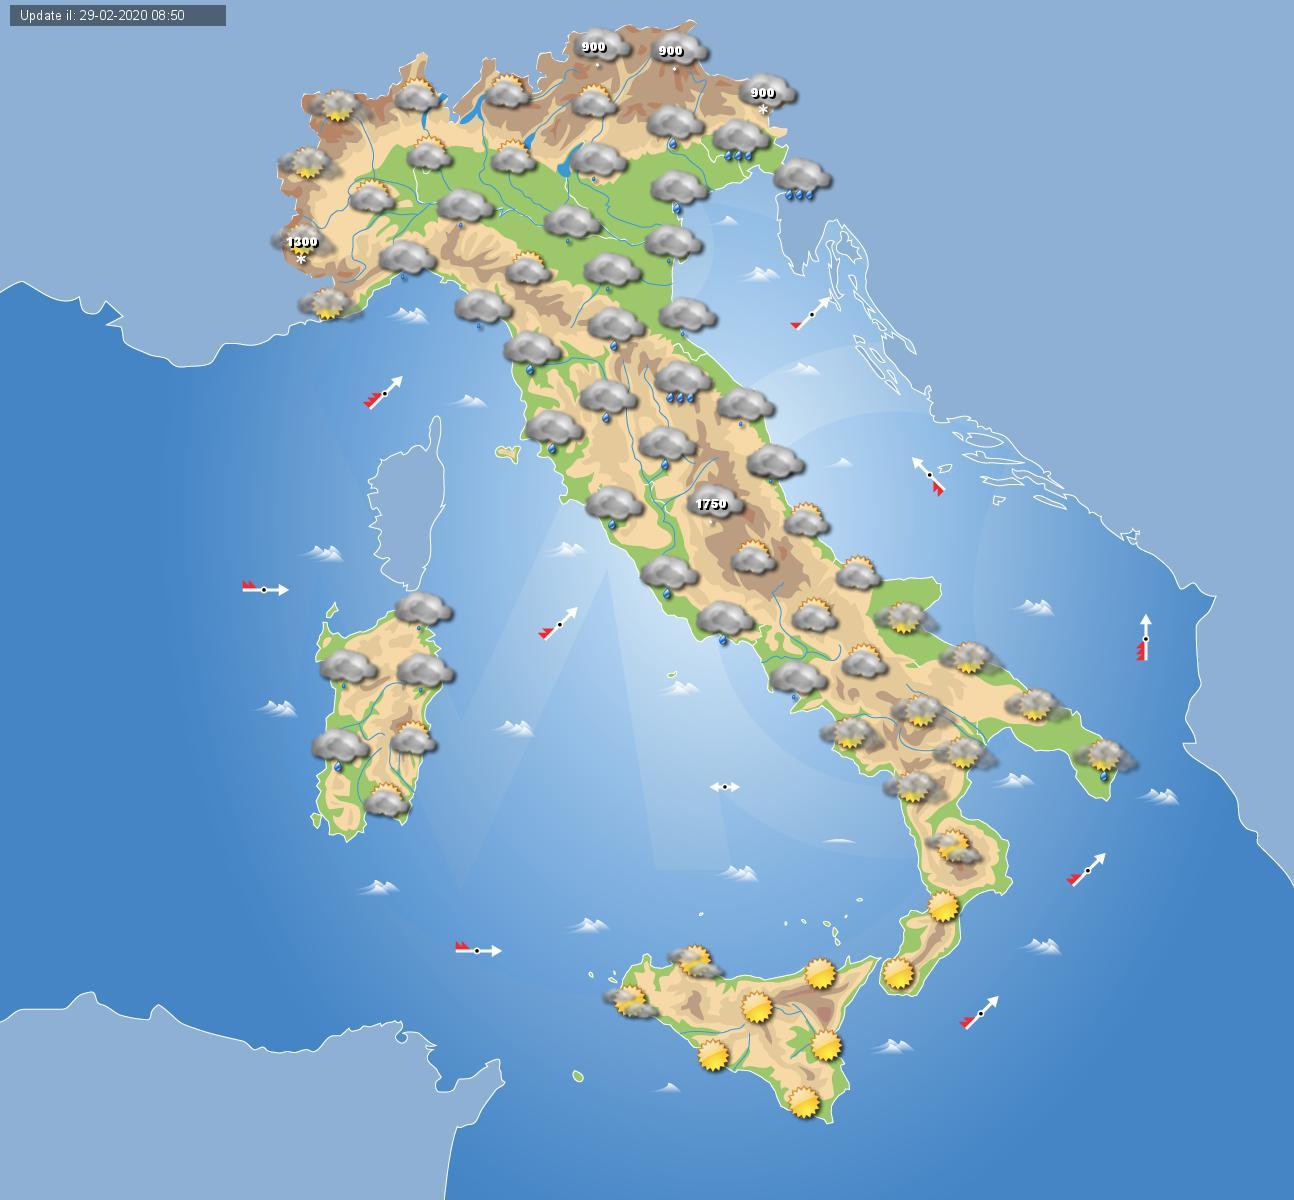 Meteo Cartina Italia.Meteo Italia Come Vedere Le Previsioni Del Tempo In Italia In Un Colpo D Occhio